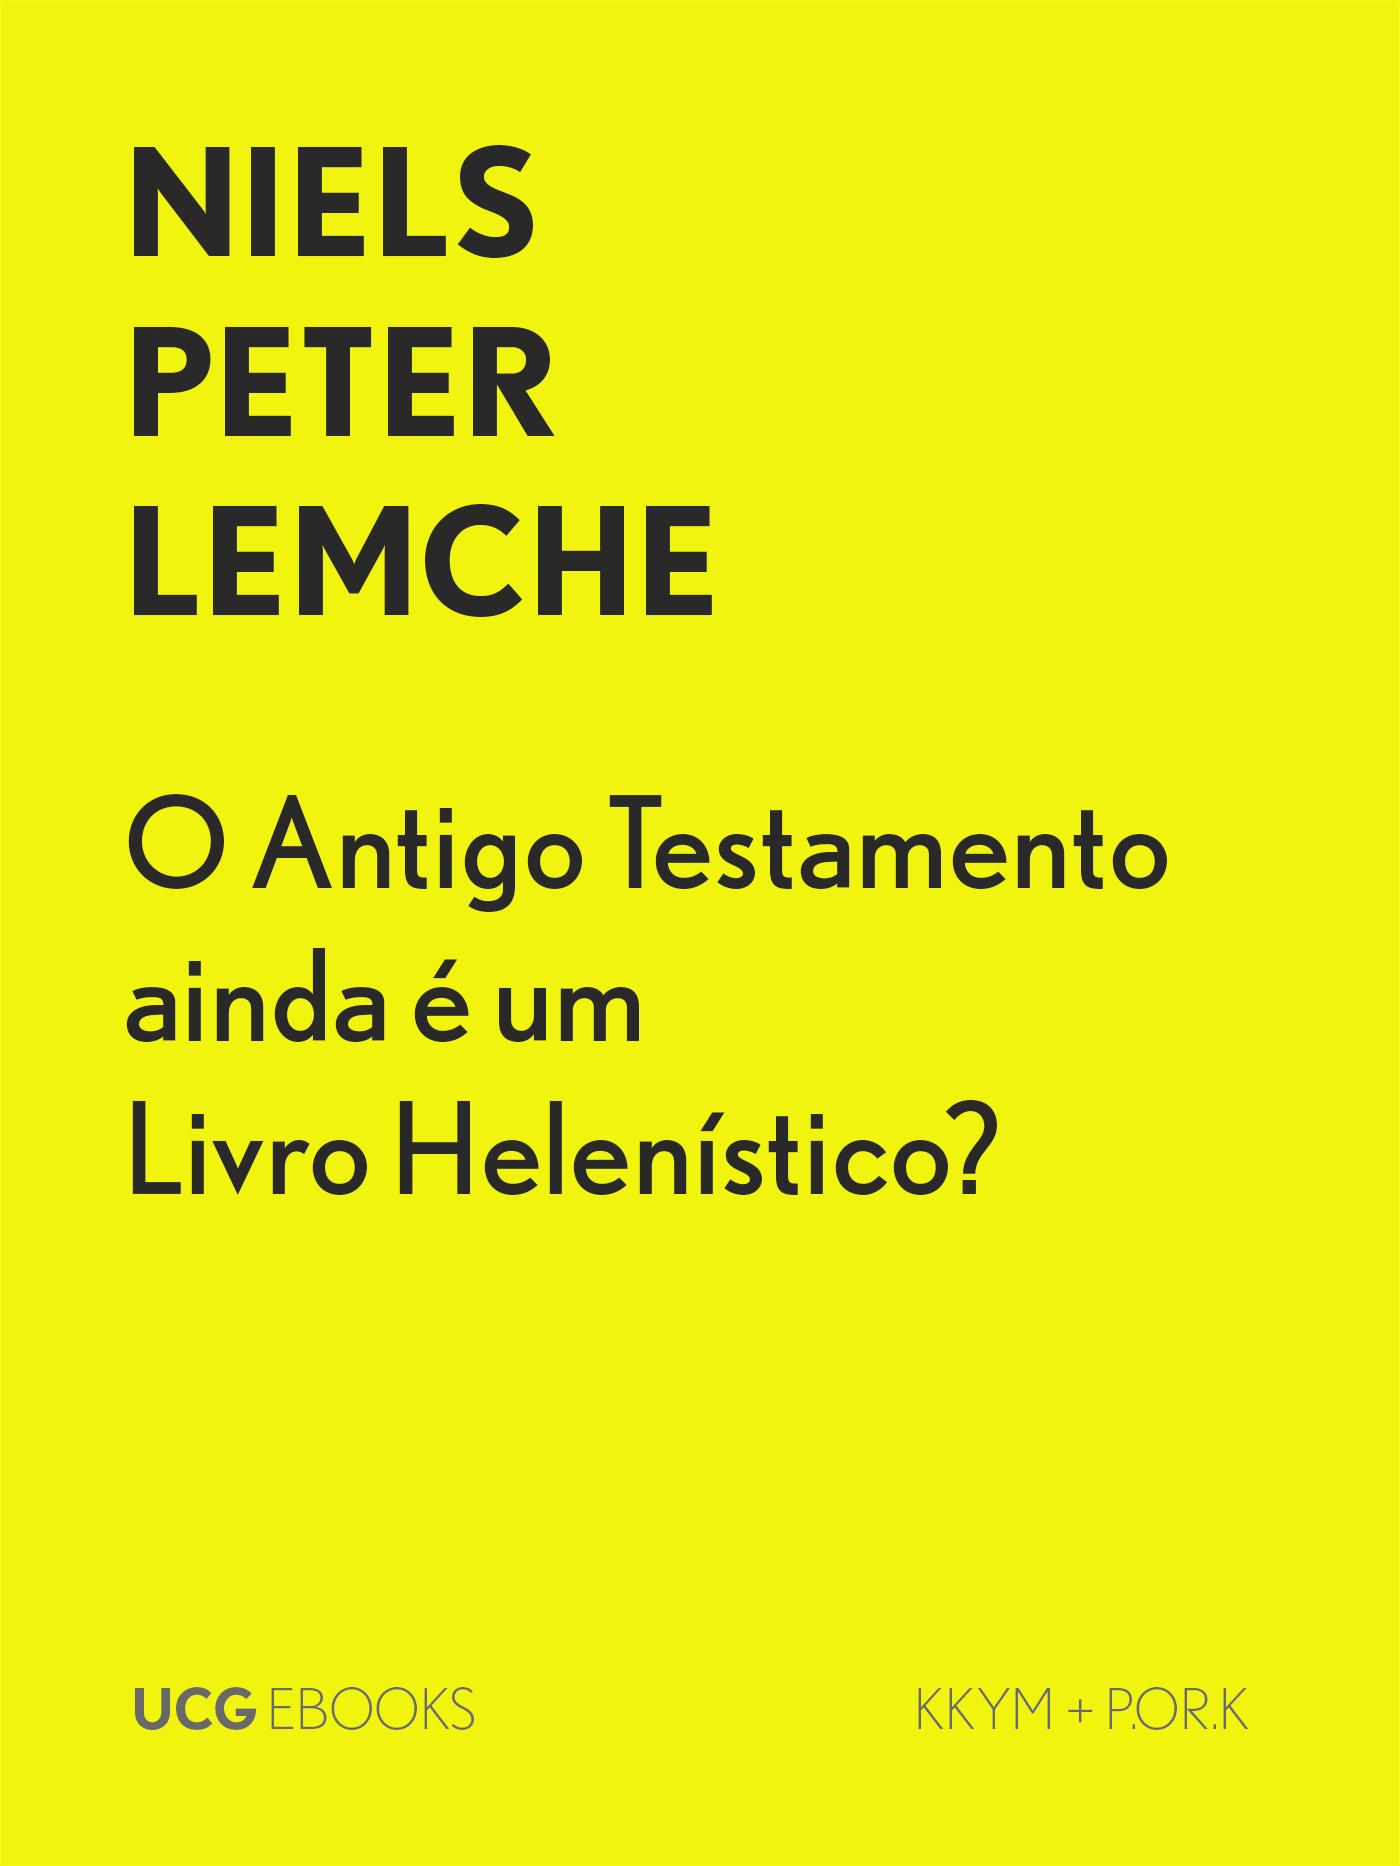 O Antigo Testamento ainda é um Livro Helenístico?